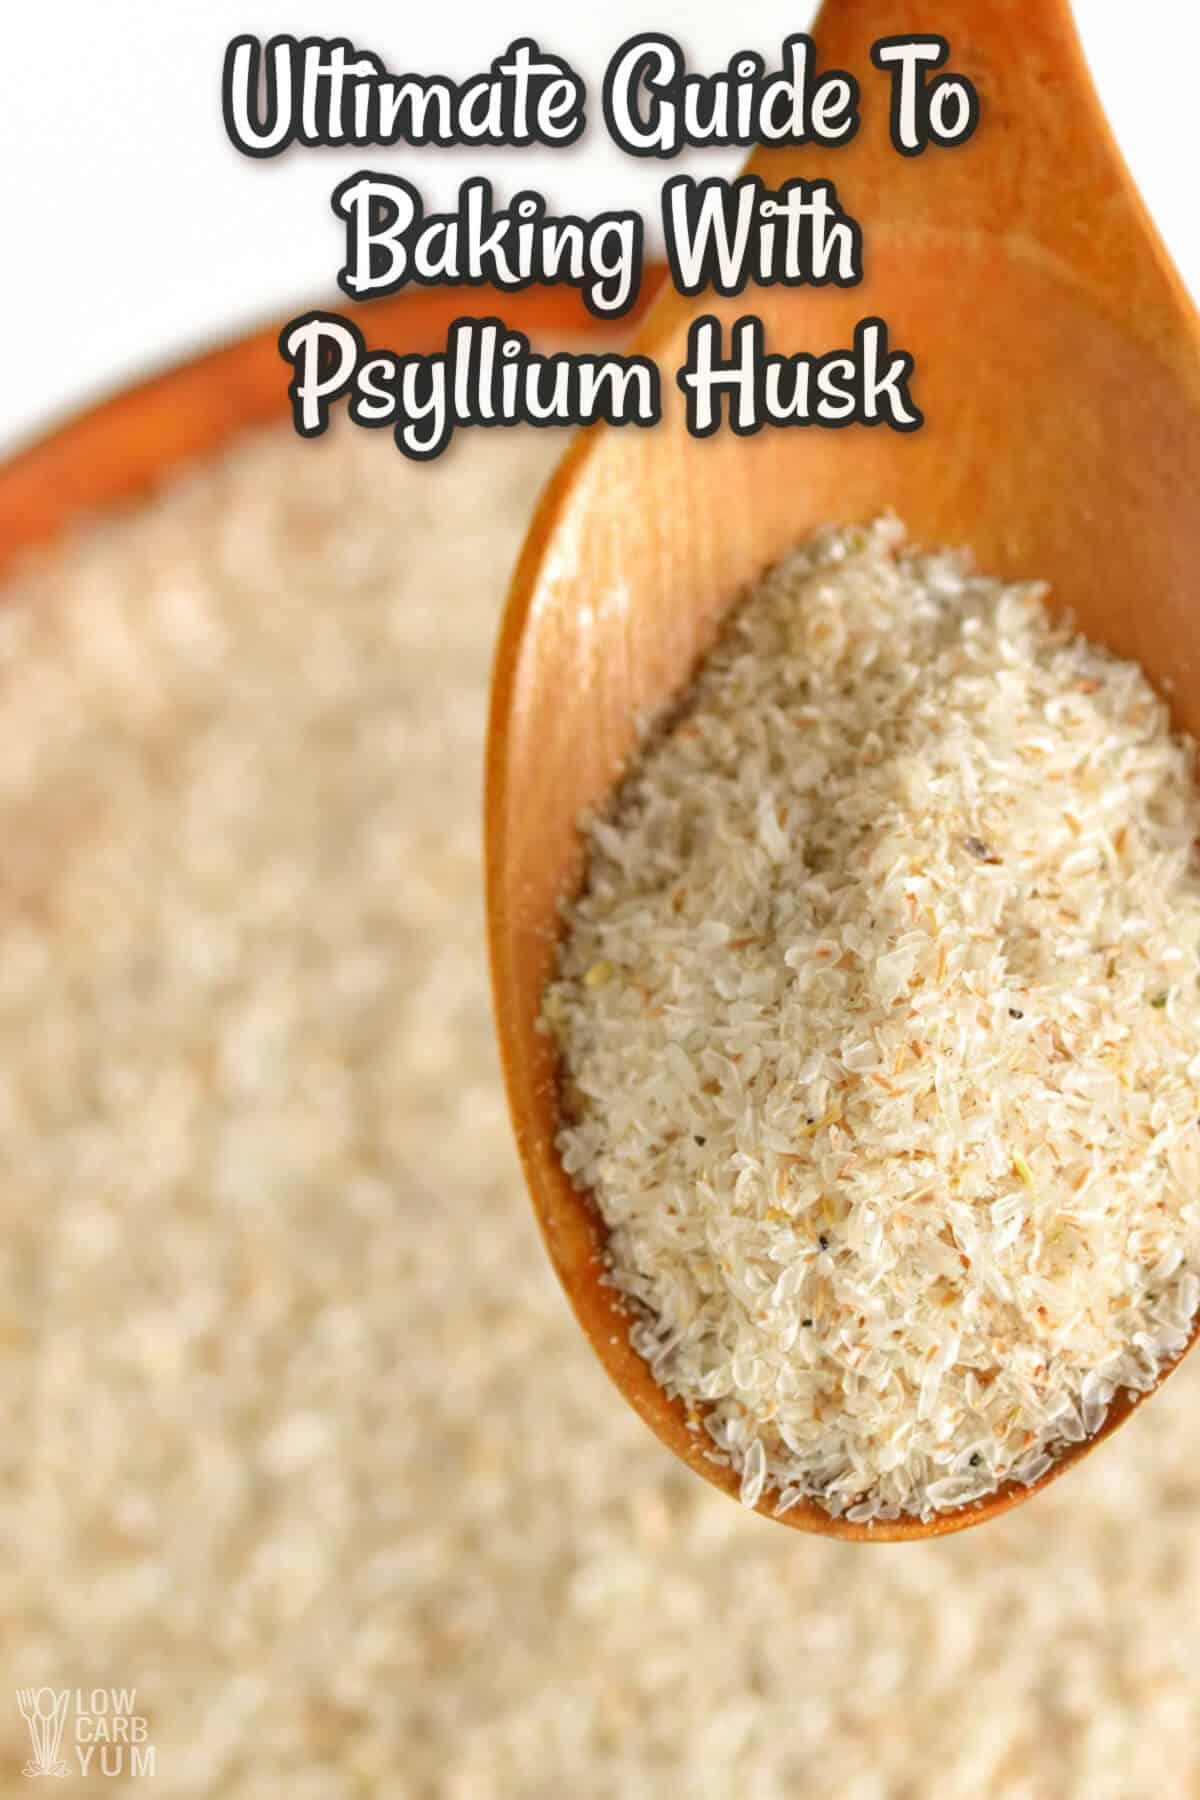 psyllium husks in baking cover image